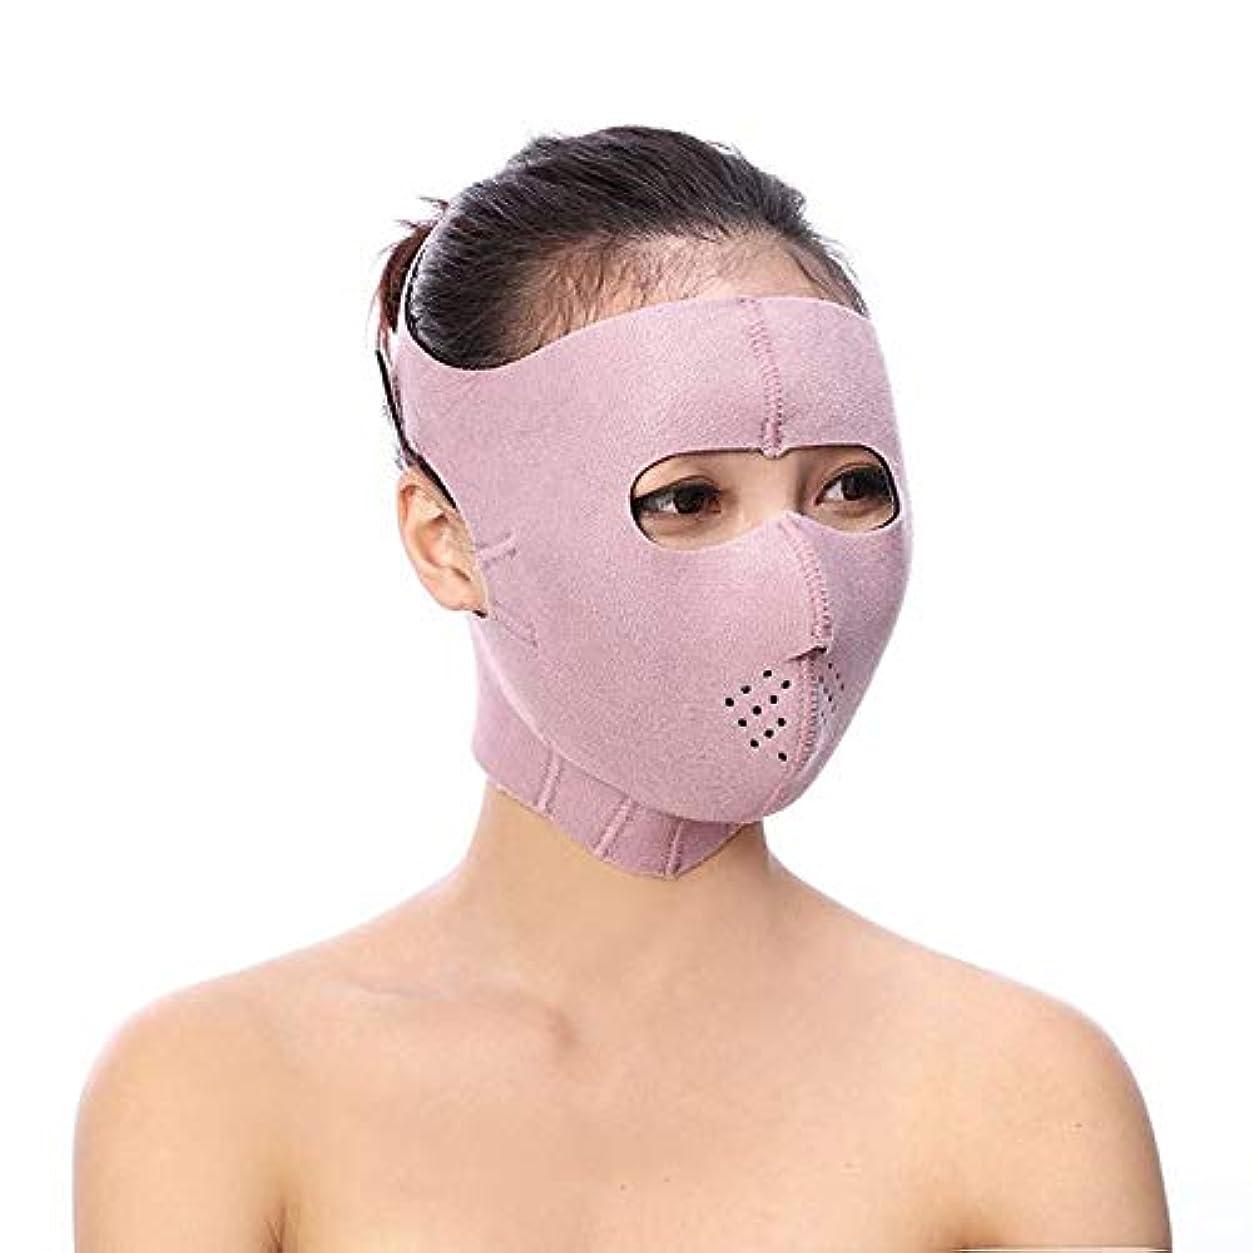 挑むパズル本当のことを言うとフェイスリフティングベルト、フェイスリフティング包帯顔の形をしたV字形状により、睡眠の質が向上します。 (Color : Pink)